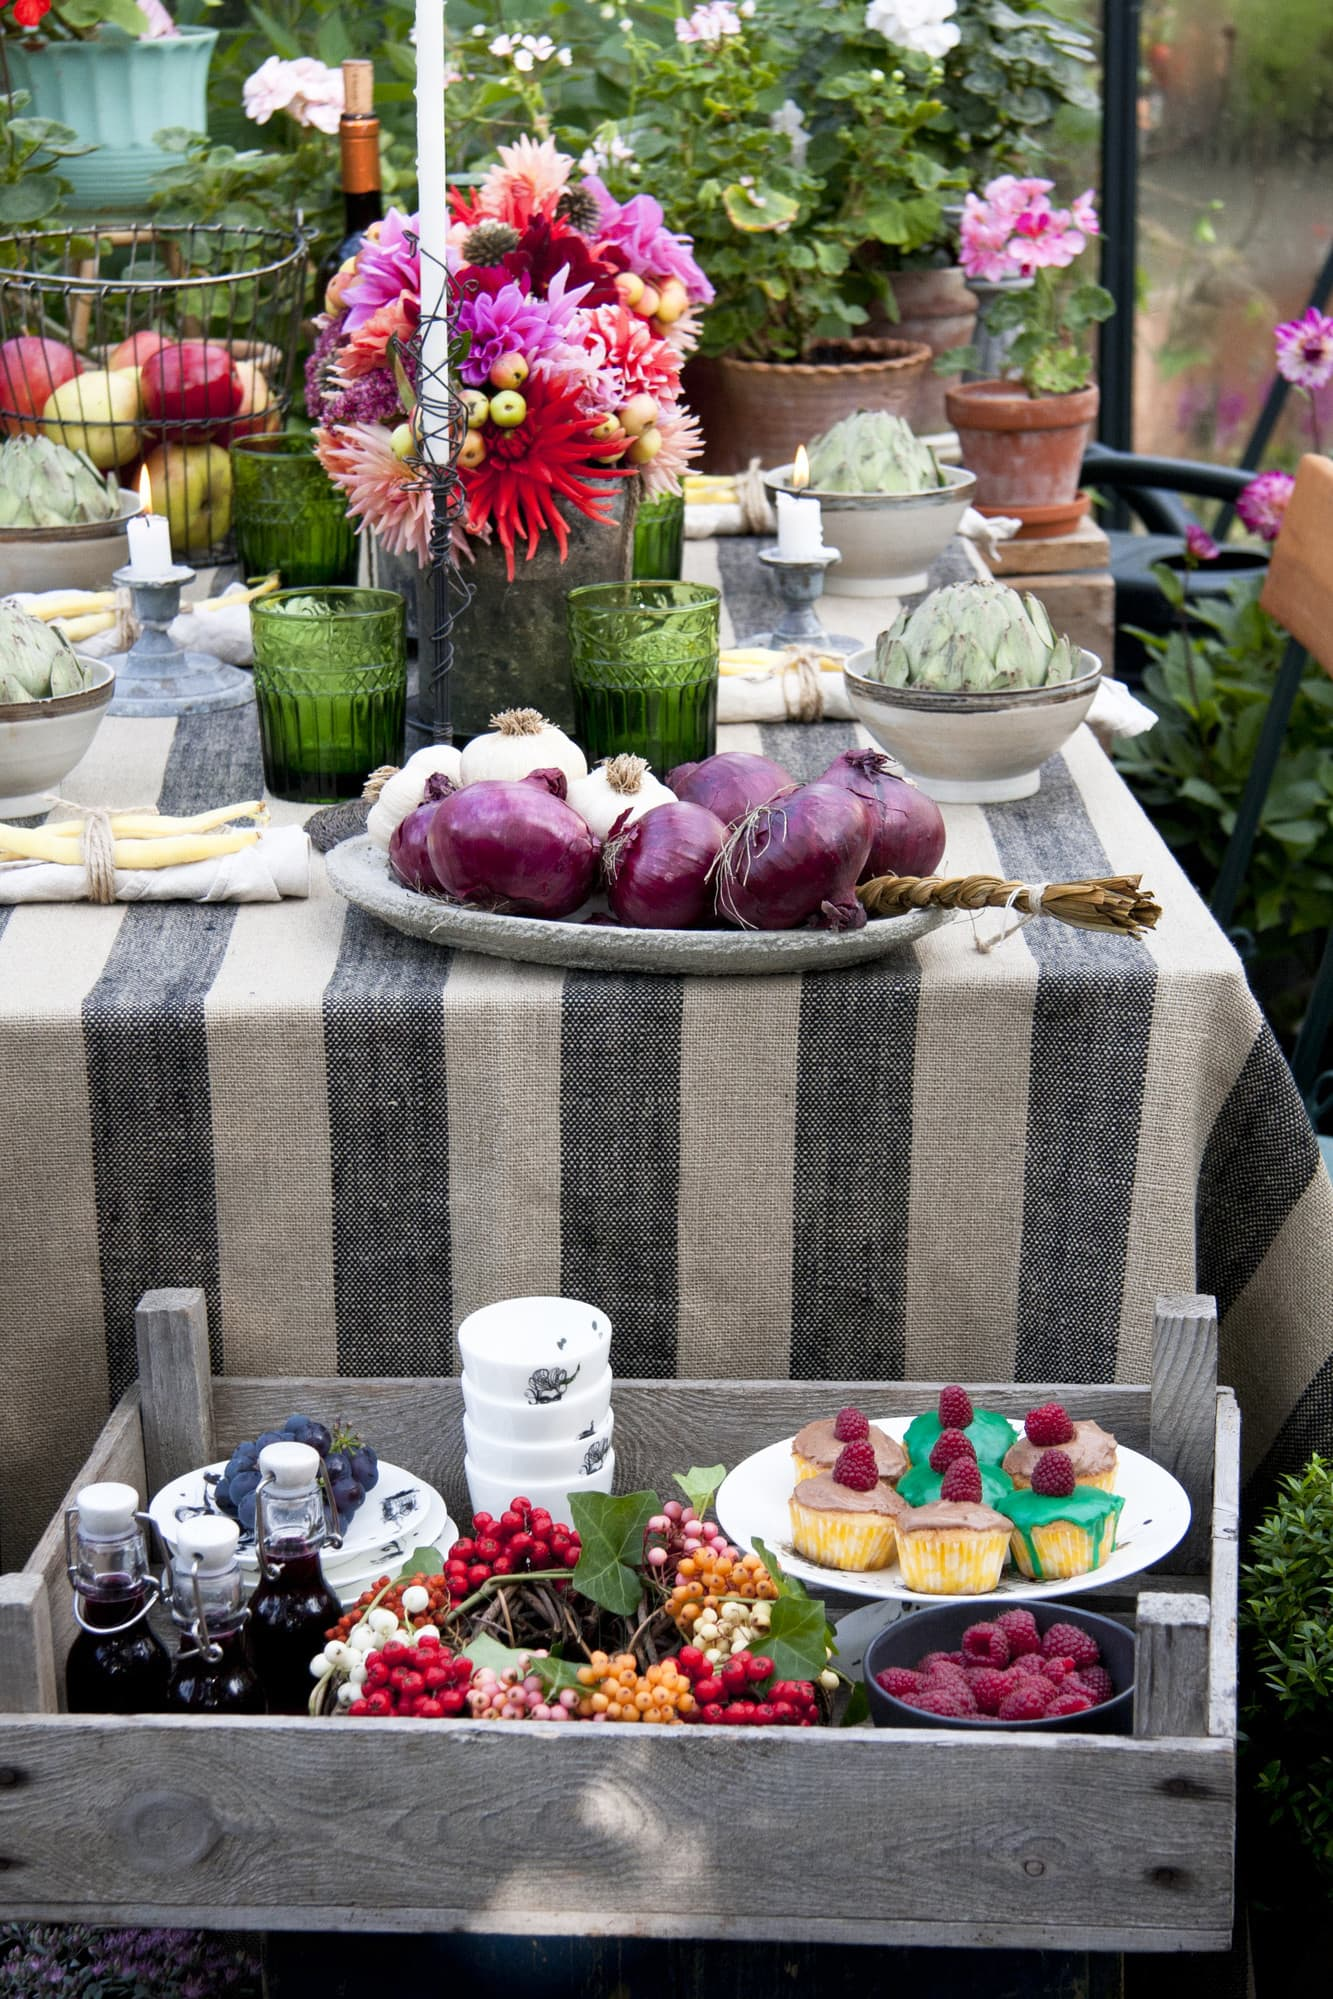 Lager på lager. Placera ut det goda på olika höjd så får dina gäster känslan av att du bjuder på överflöd.